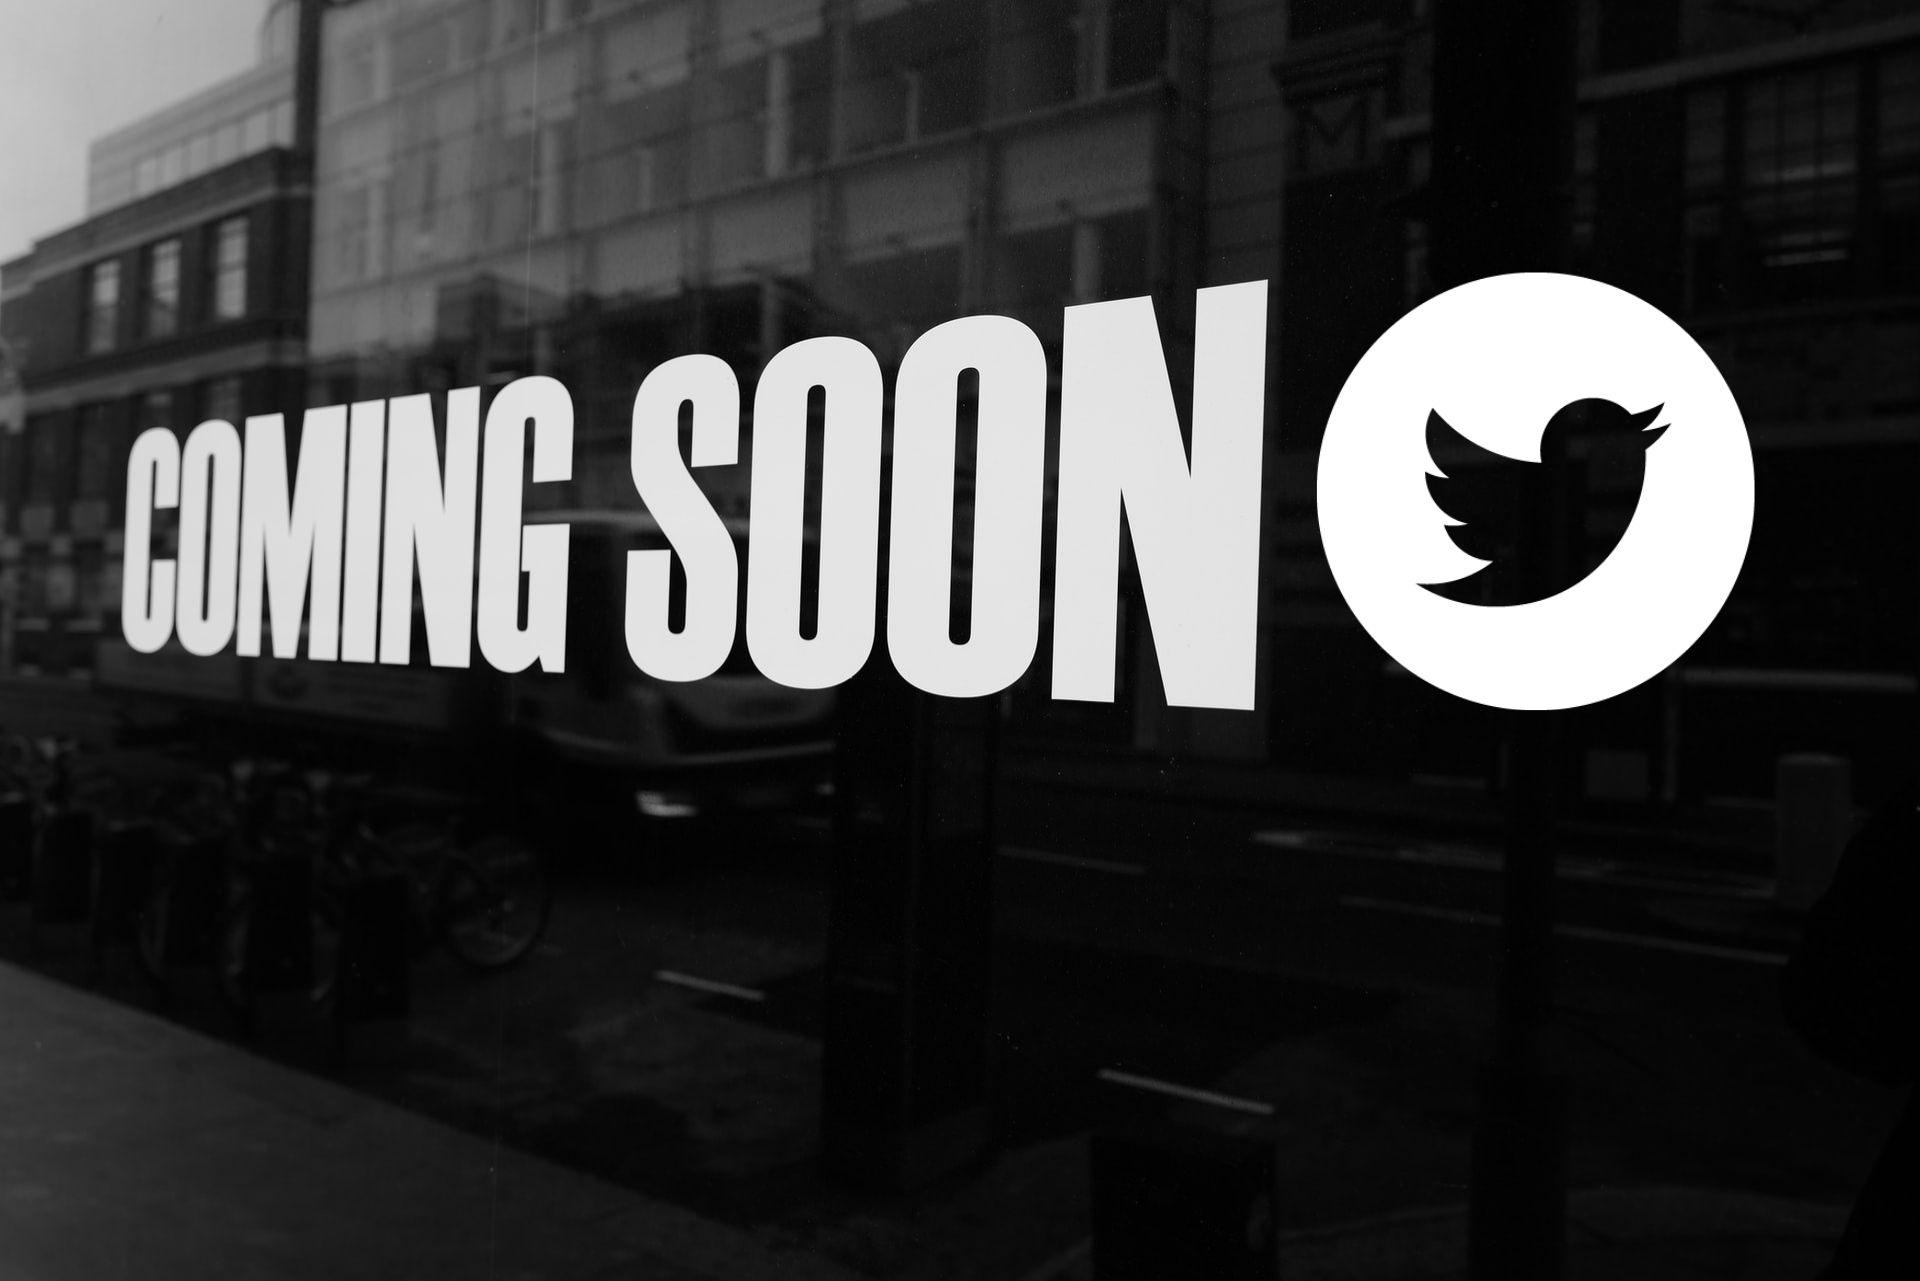 Jefe de producto de Twitter confirma el desarrollo de una función de propinas con Bitcoin